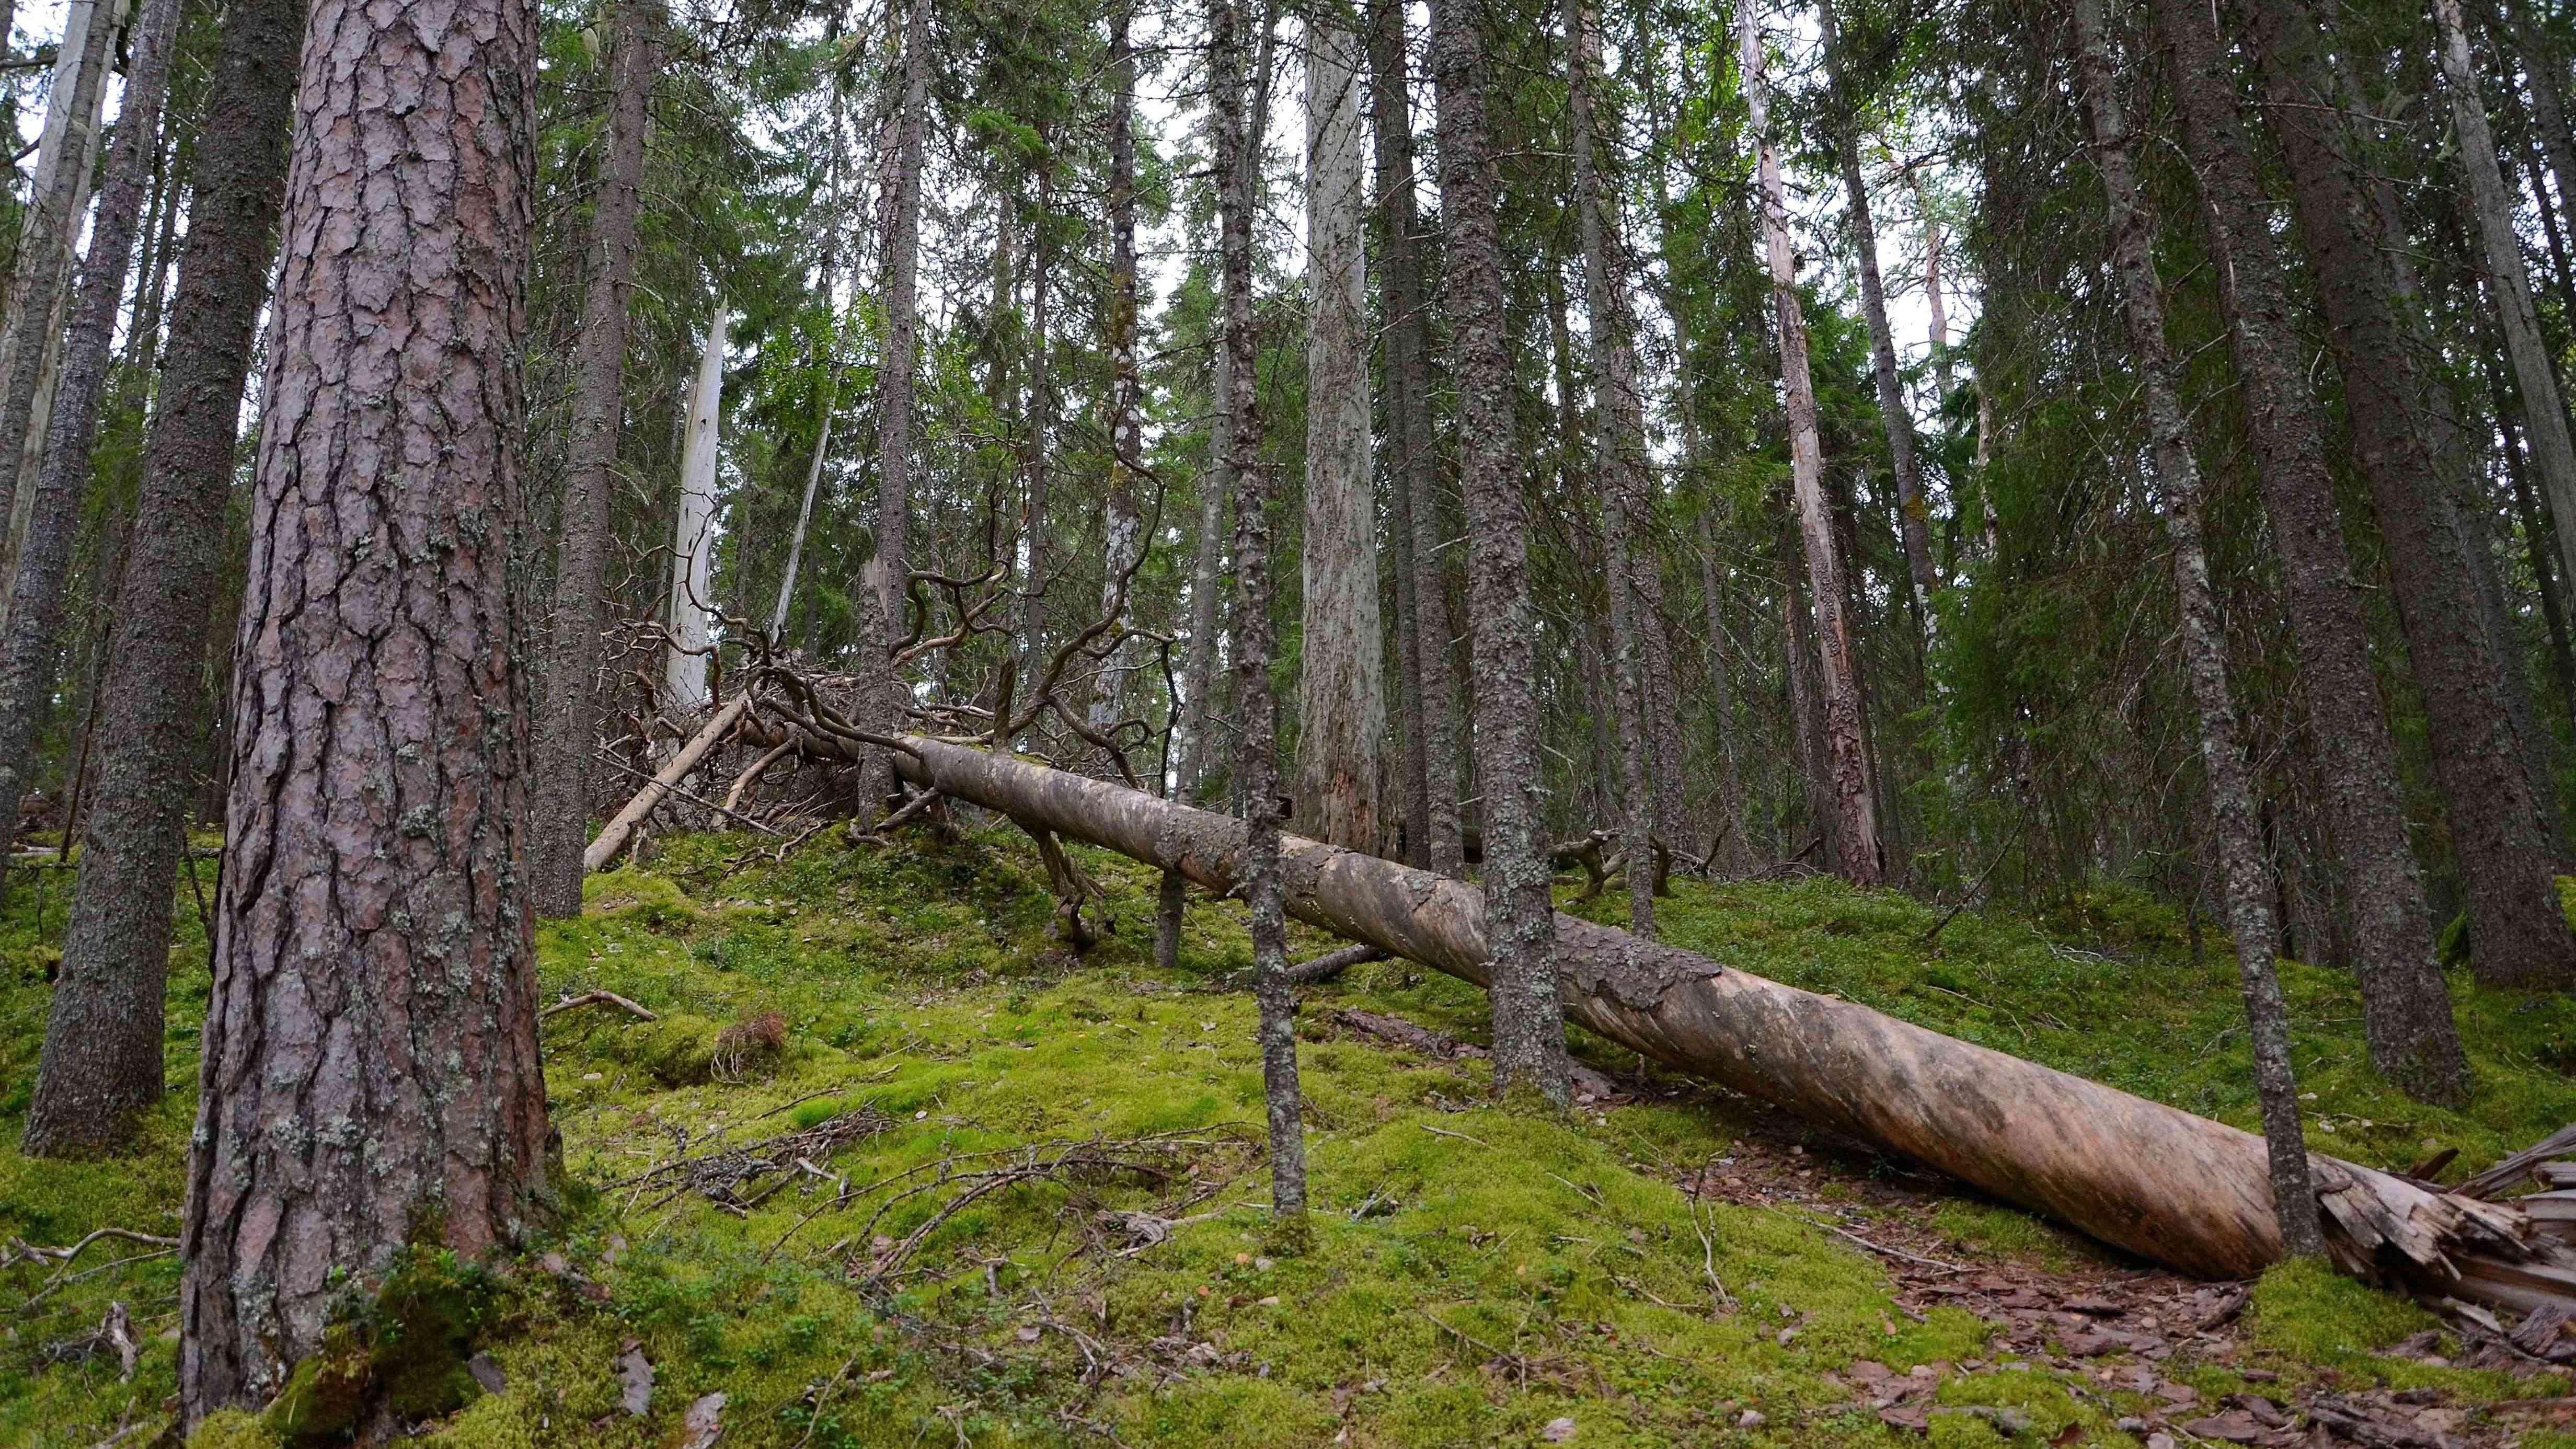 Luonnonsuojelu on alkuperäisen luonnon suojelua ja palauttamista